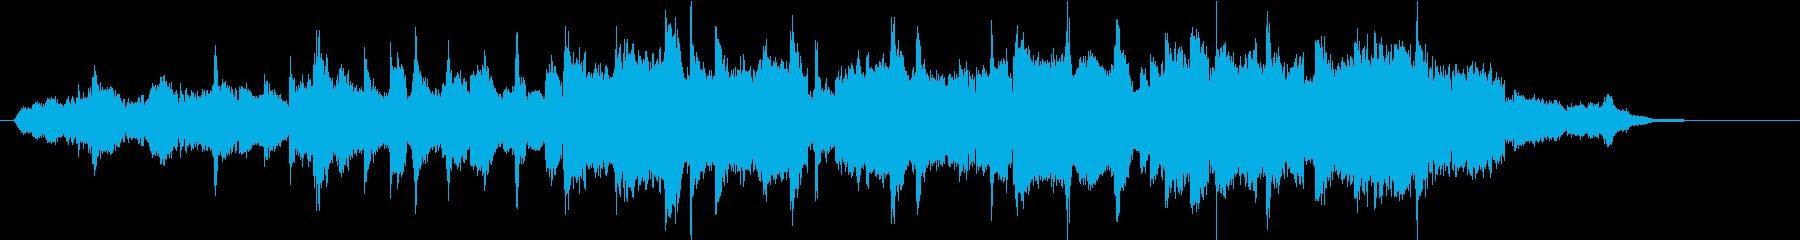 幻想的でムーディーなサックスの再生済みの波形